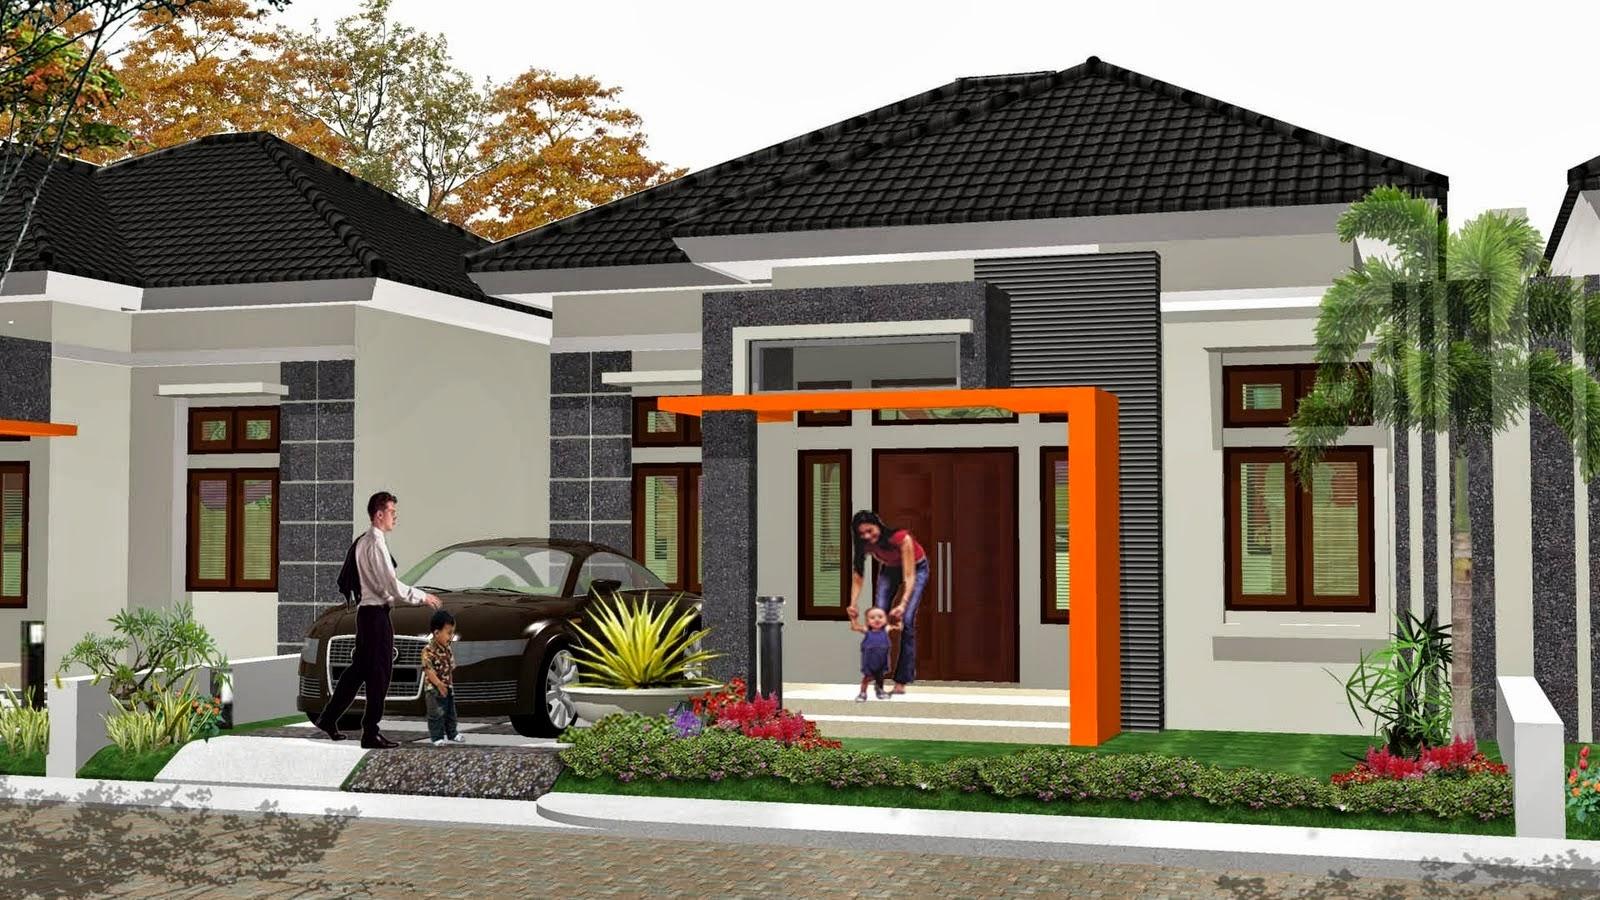 50 Koleksi Foto Desain Rumah Joglo Minimalis 1 Lantai HD Paling Keren Yang Bisa Anda Tiru